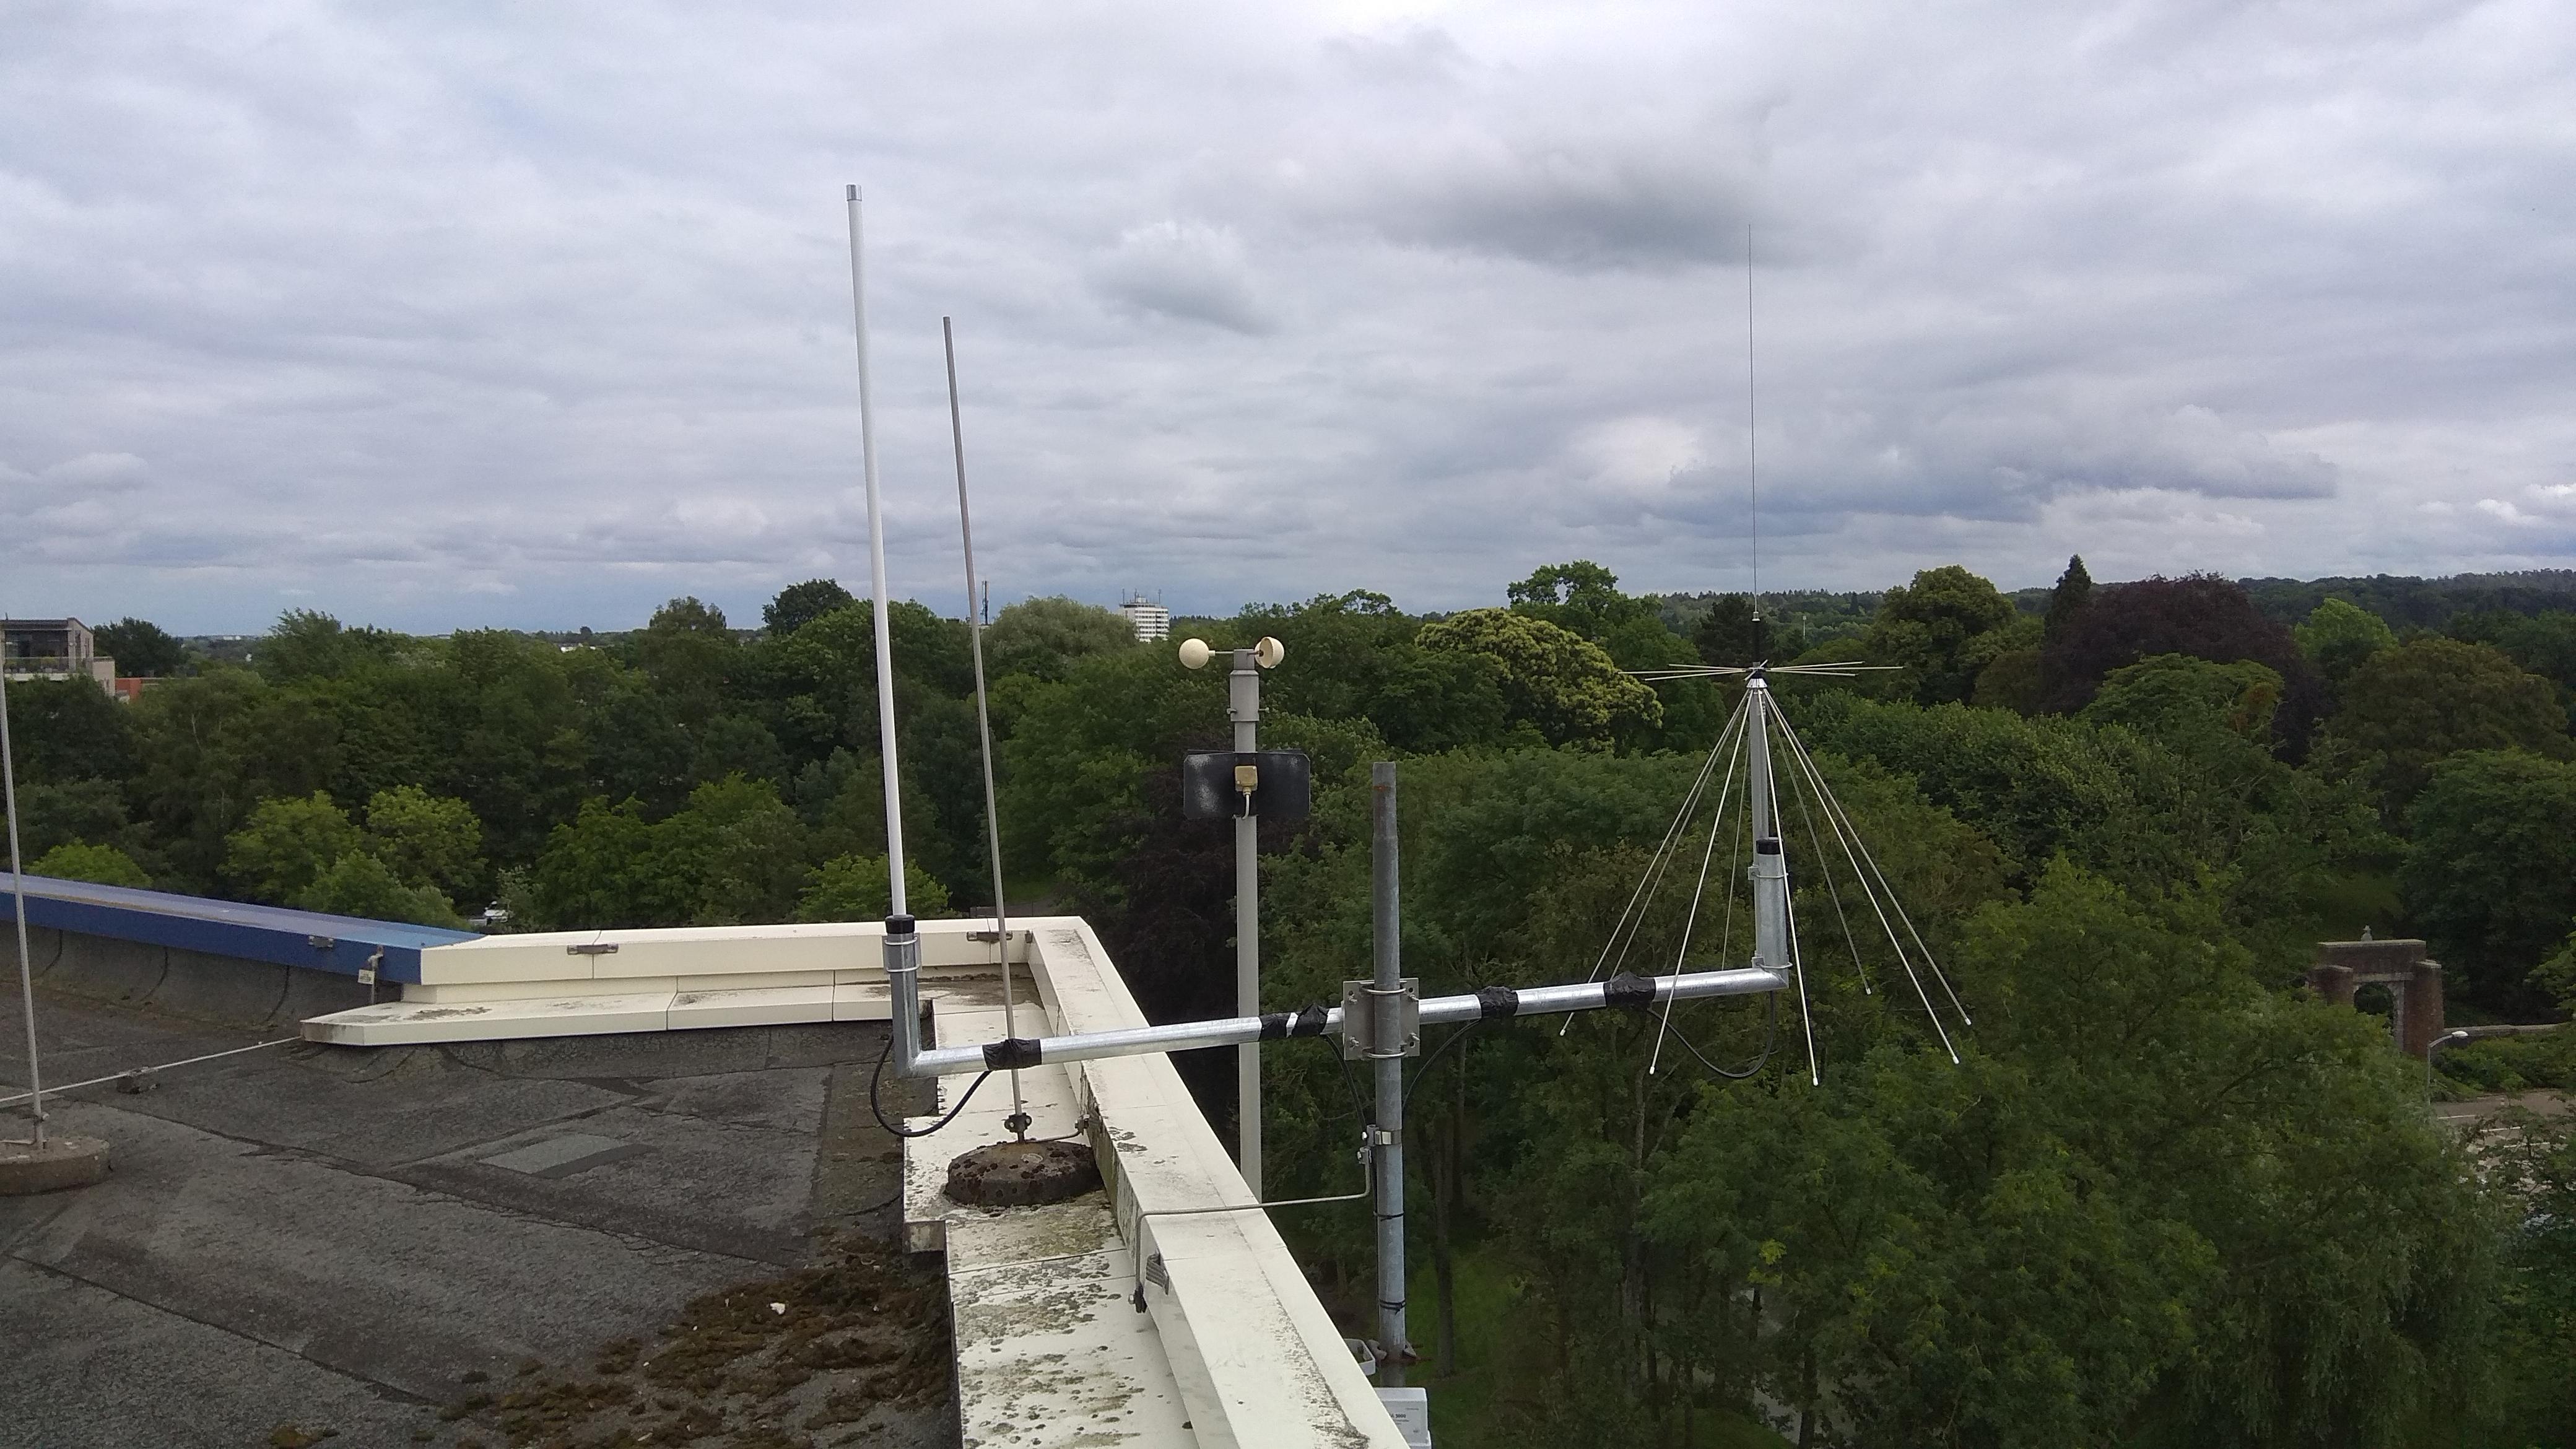 Antenna installation on Roof